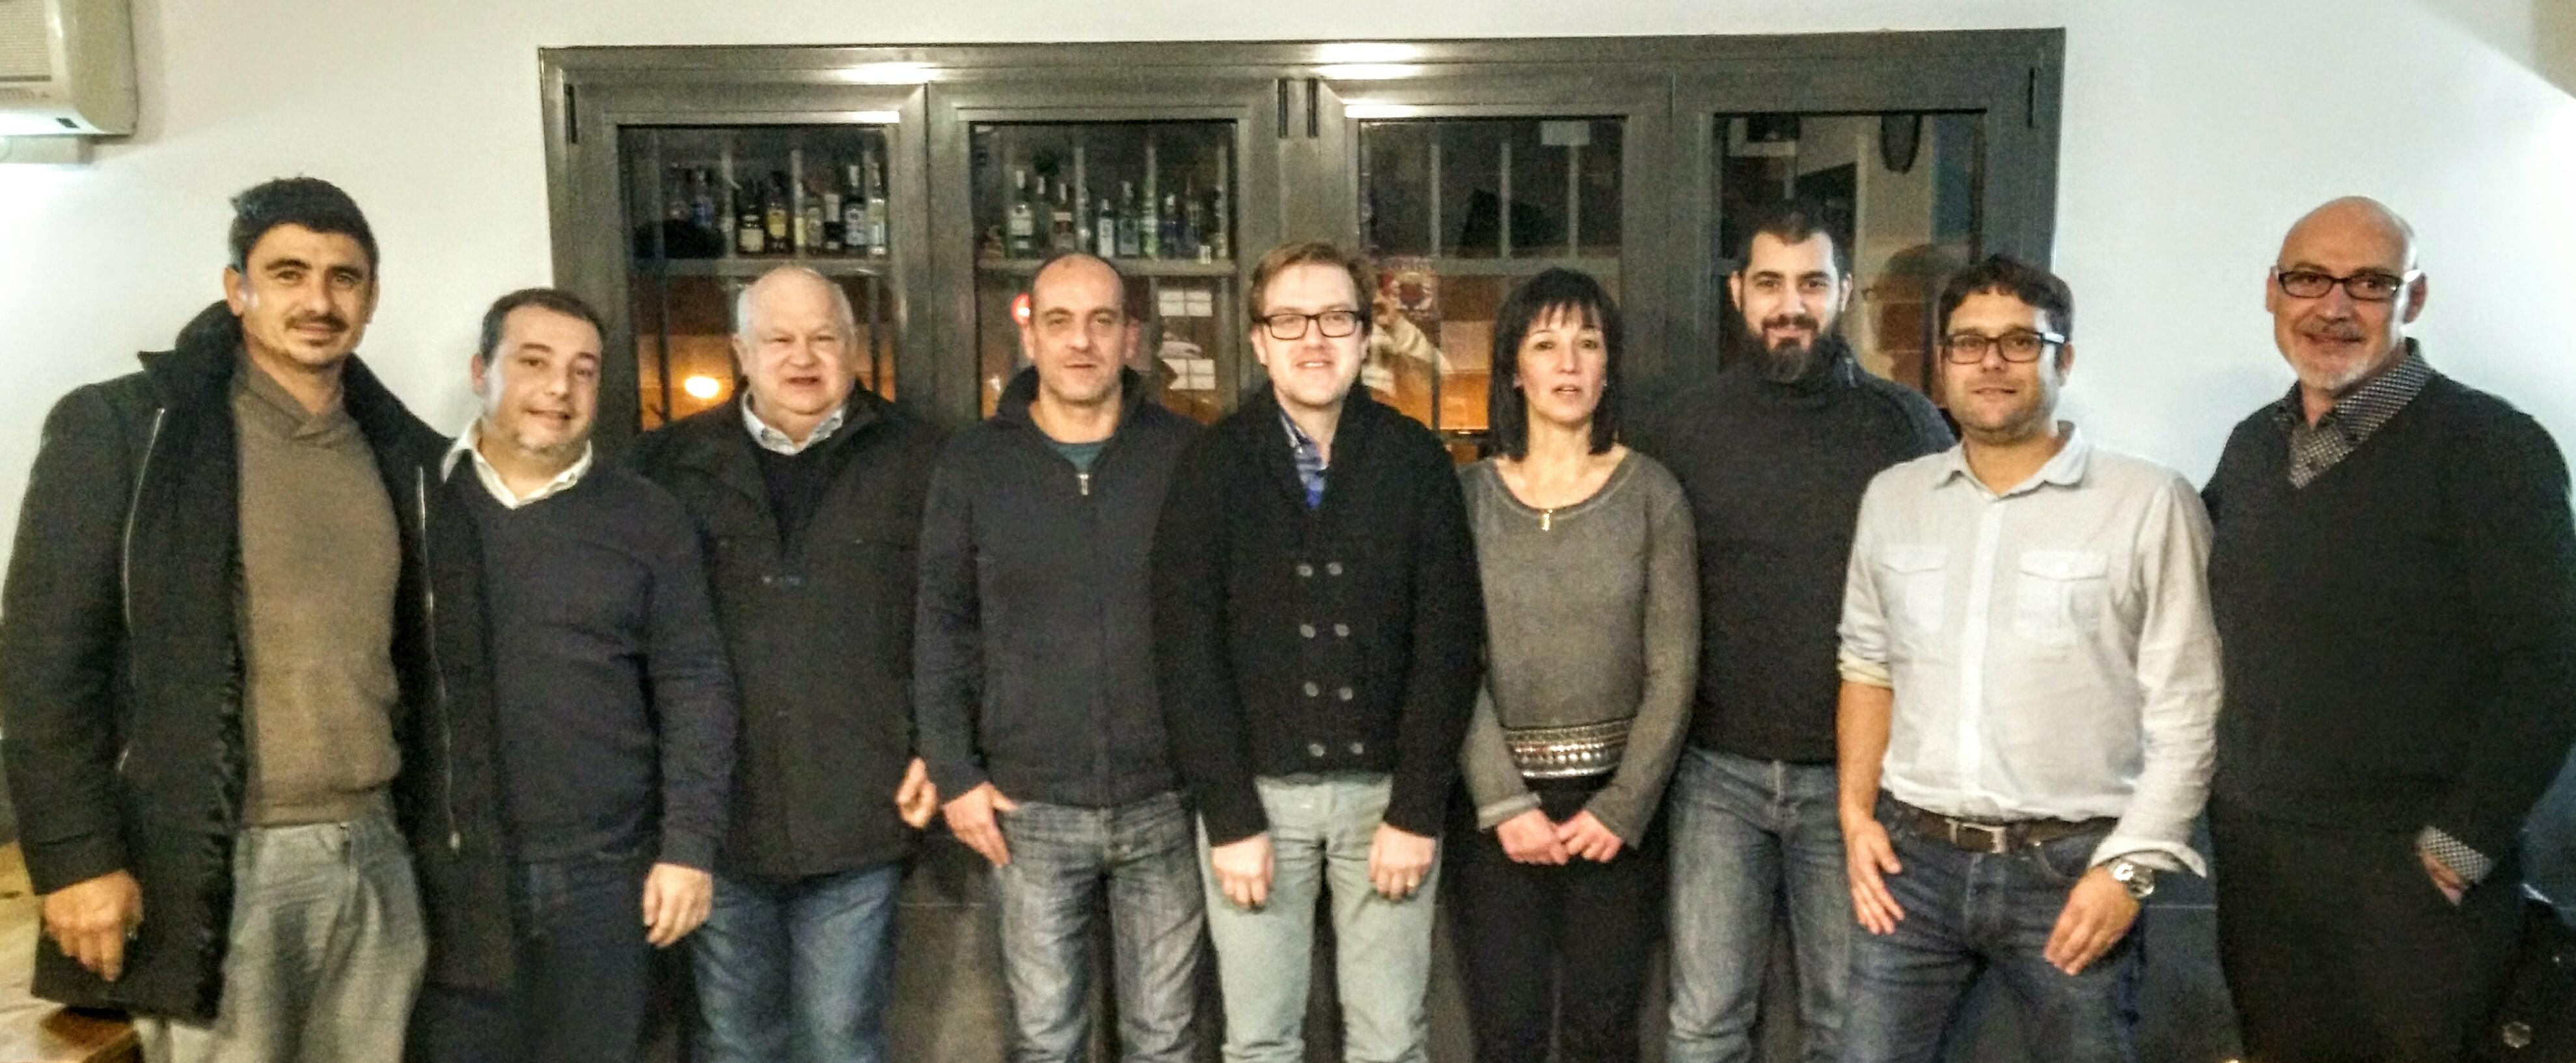 Membres de les agrupacions socialistes del sud de l'Anoia, dilluns a Vallbona.